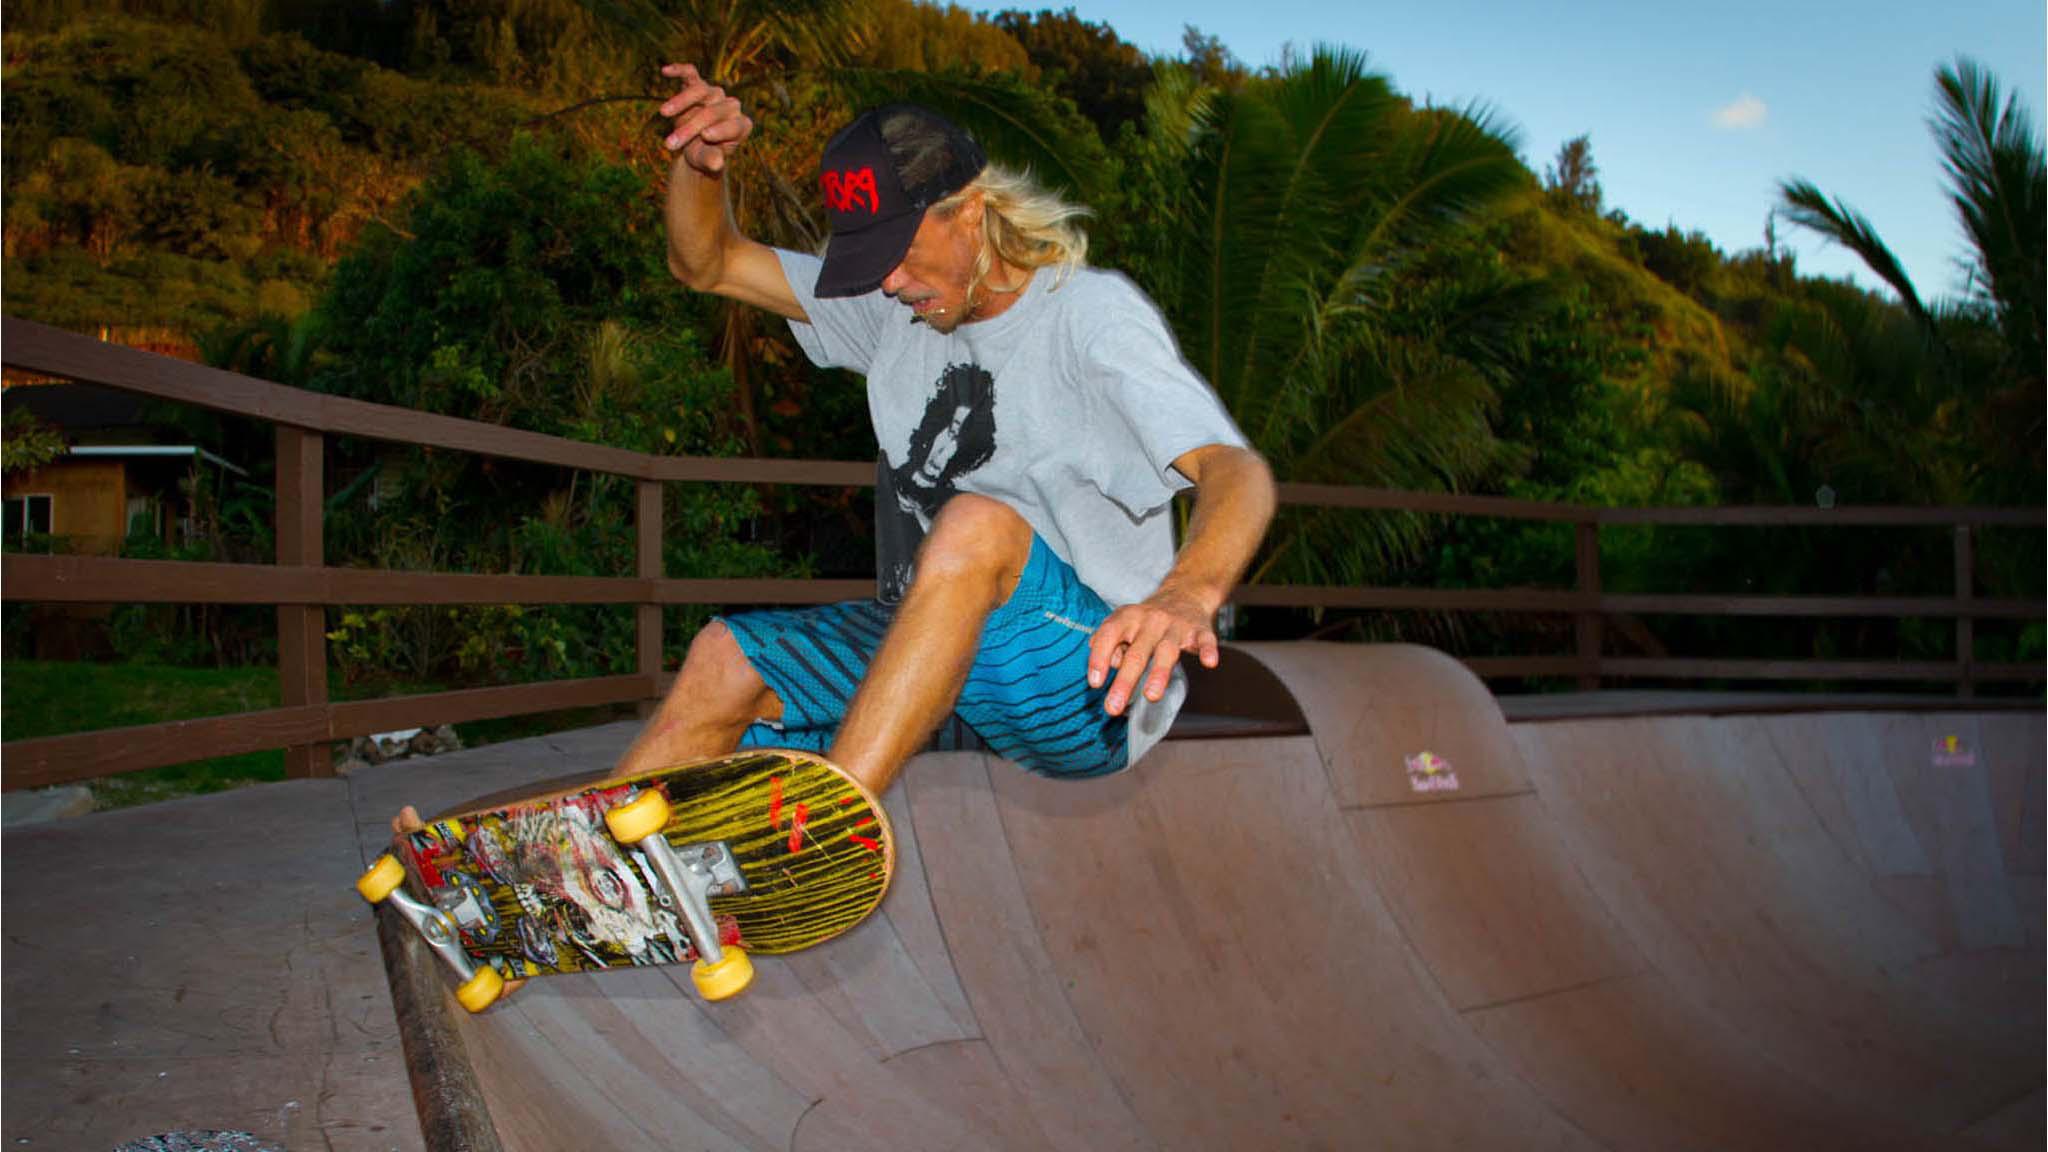 Gavin Beschen, surfer